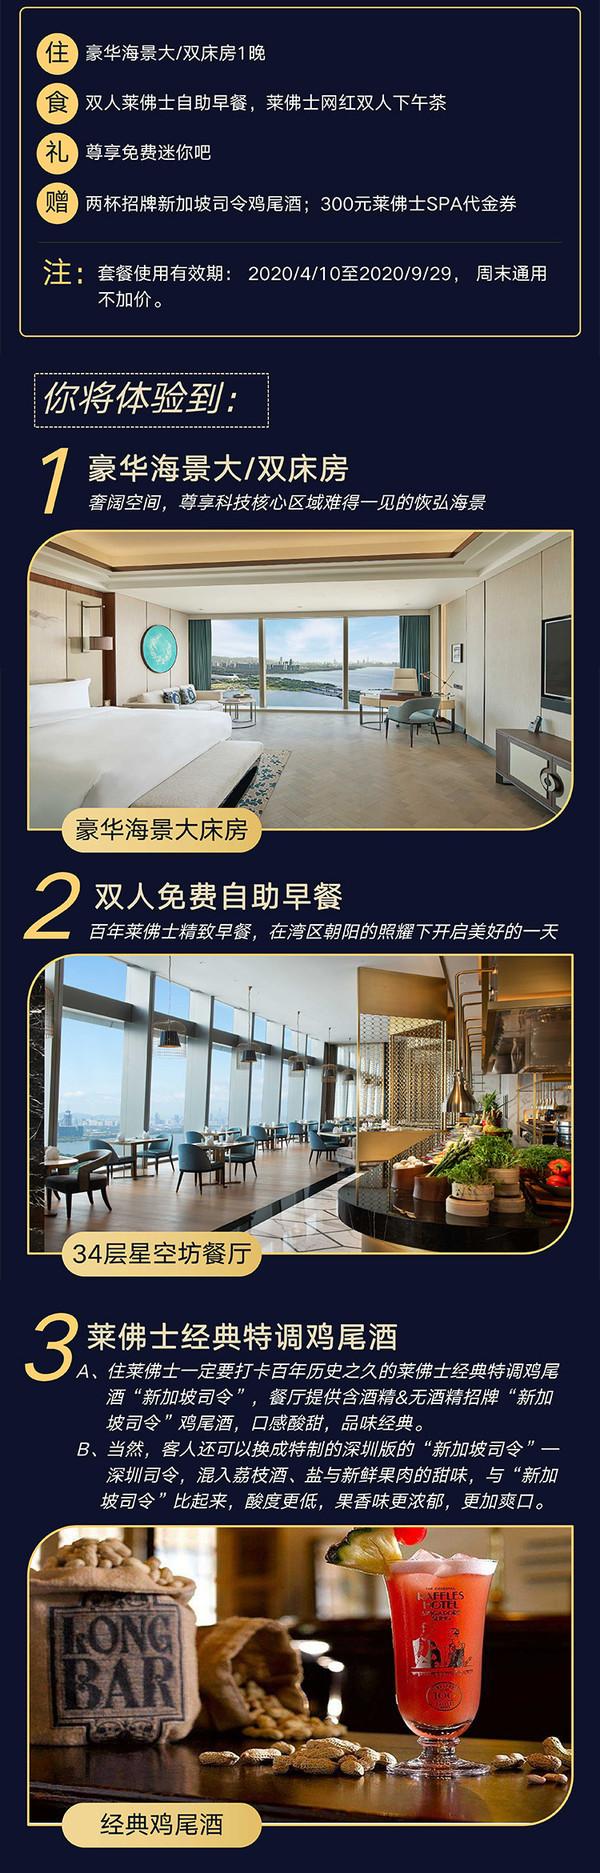 深圳鹏瑞莱佛士酒店 豪华海景房1晚(含2份早餐+双人下午茶+迷你吧)